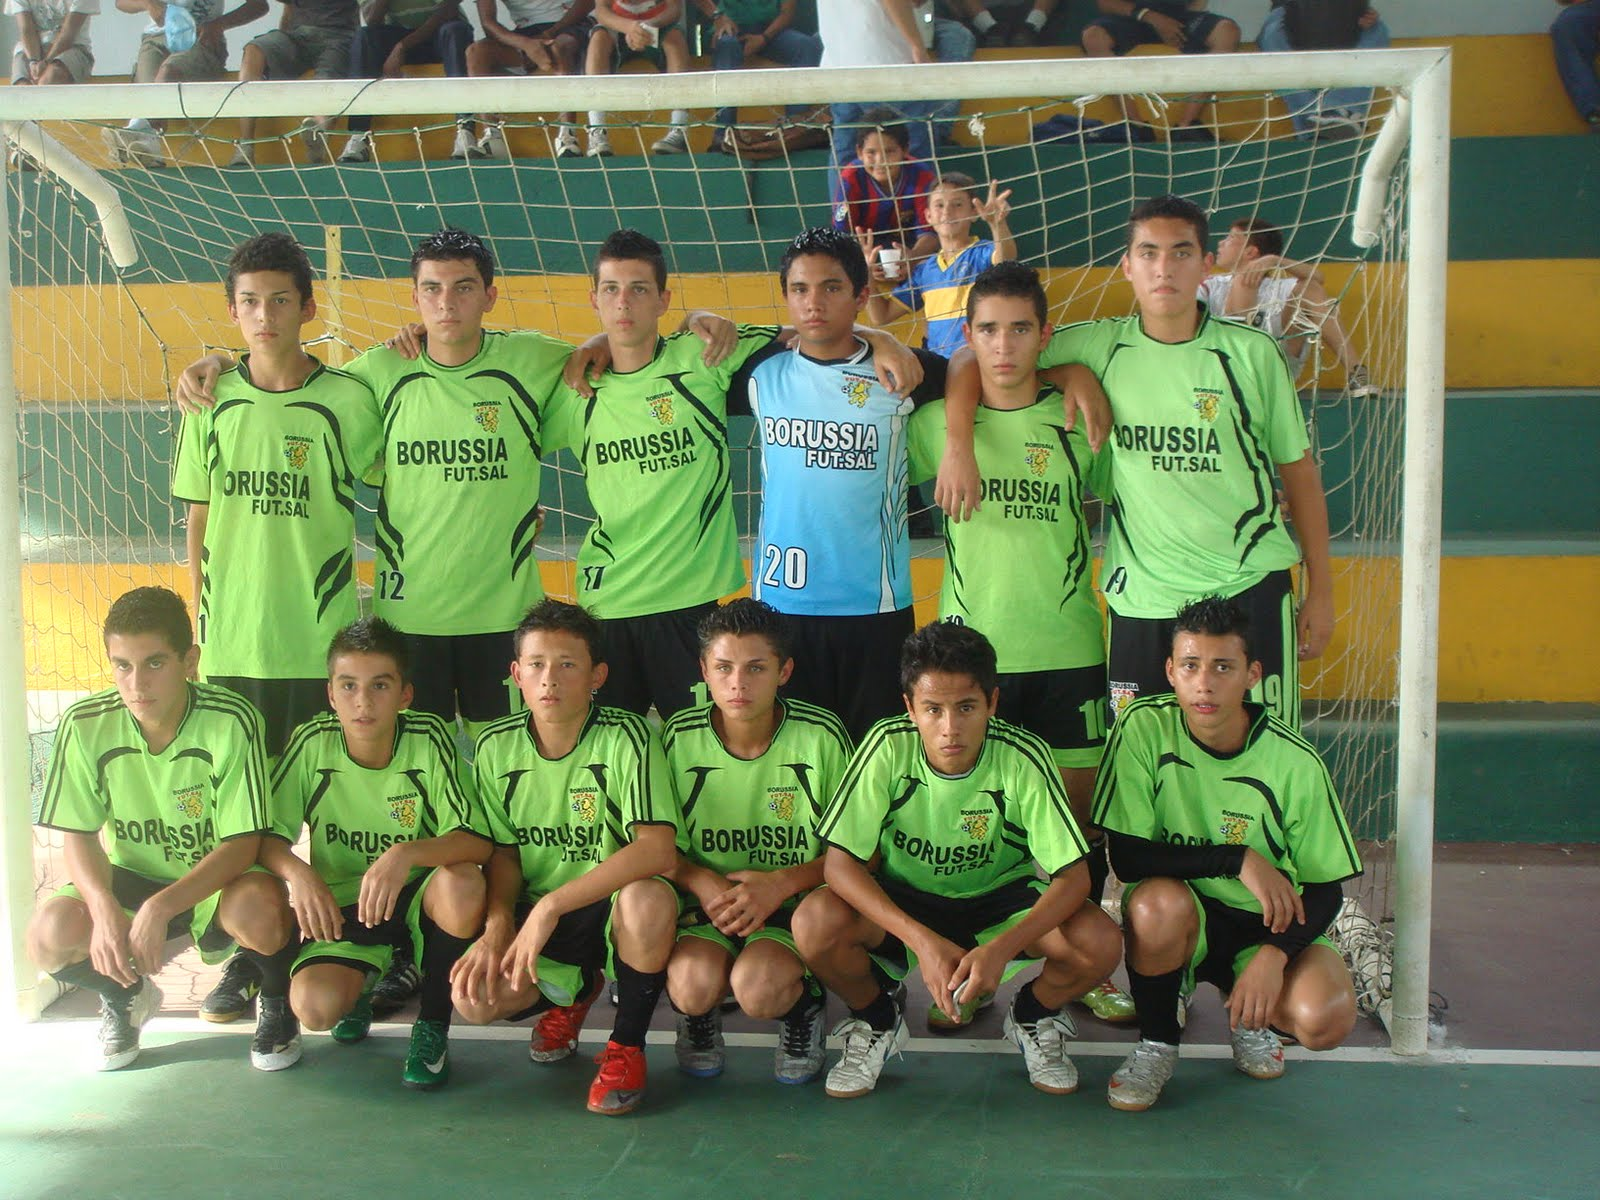 Borussia futsal suspendido juego de u 17 for Villas zurqui fotos